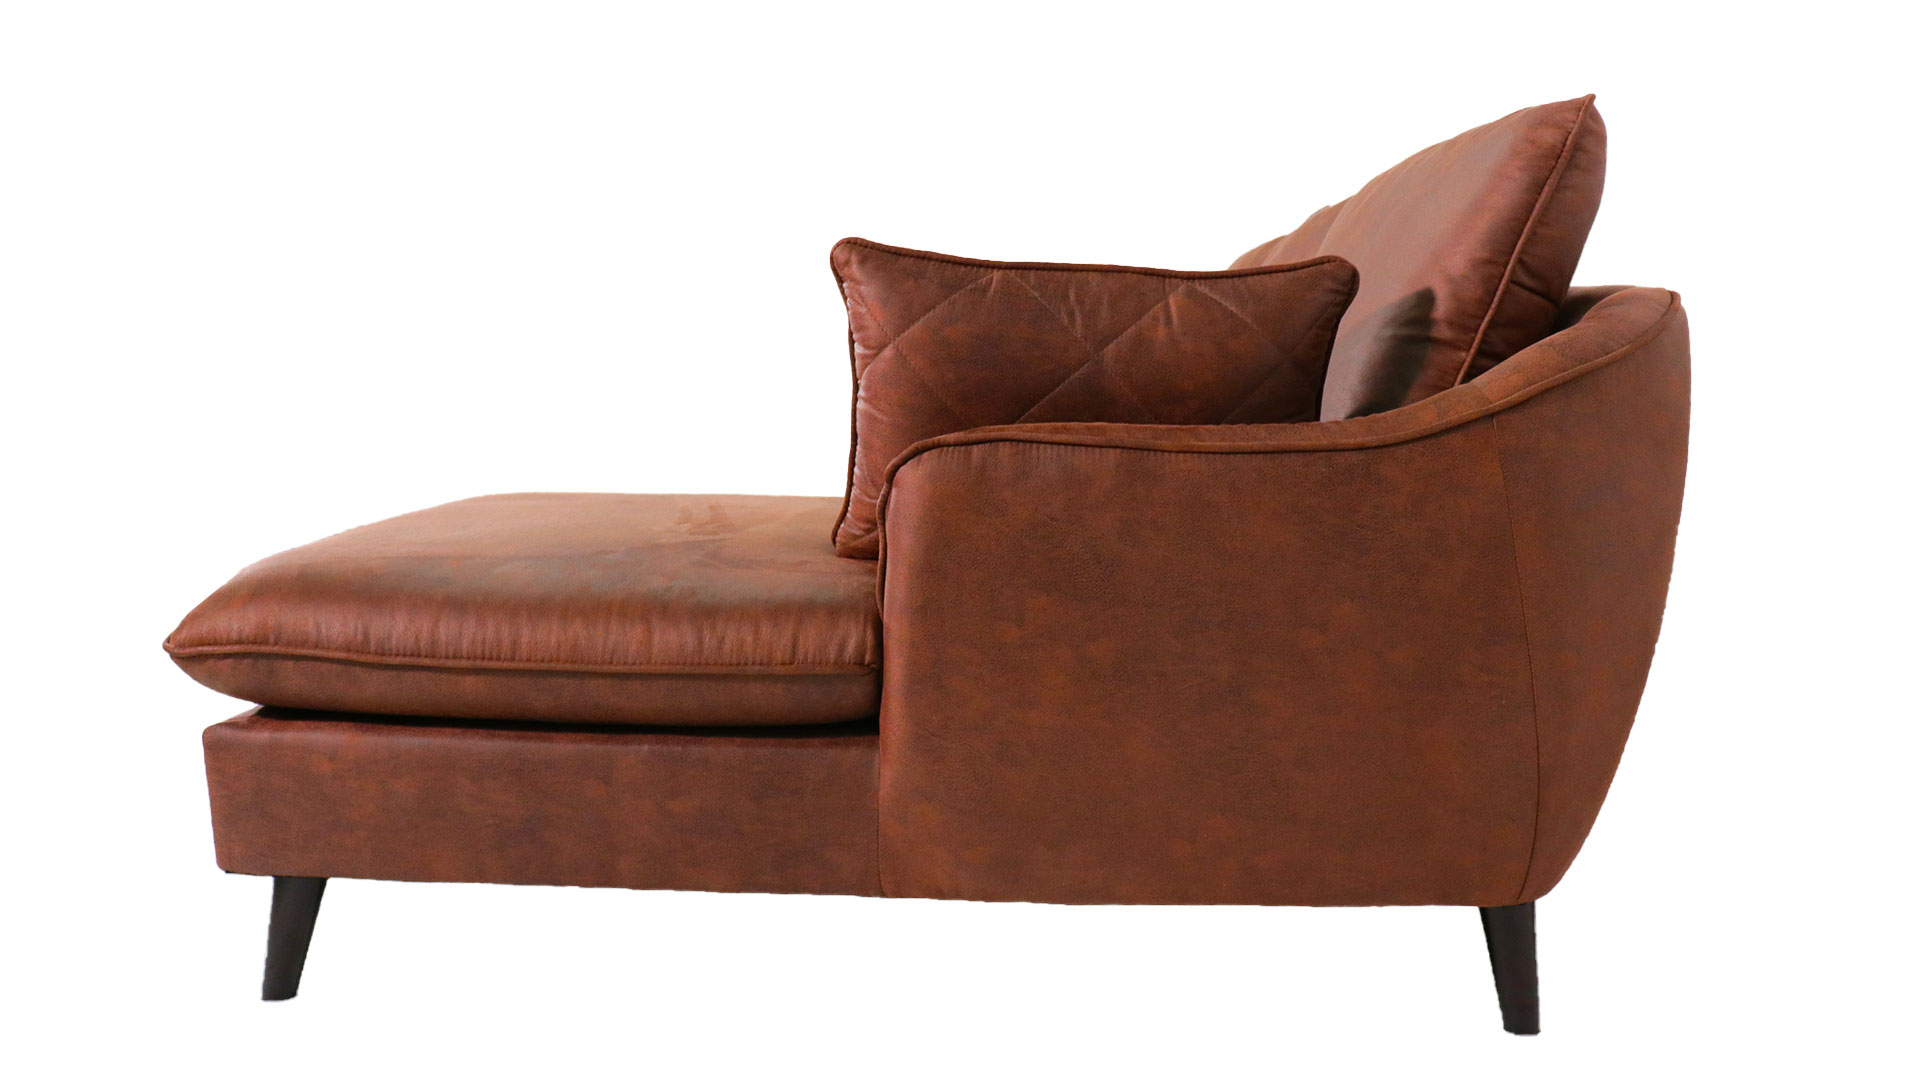 ゆったりと座れるask-inのカウチソファ「モラレス」の全体を横からから撮った画像